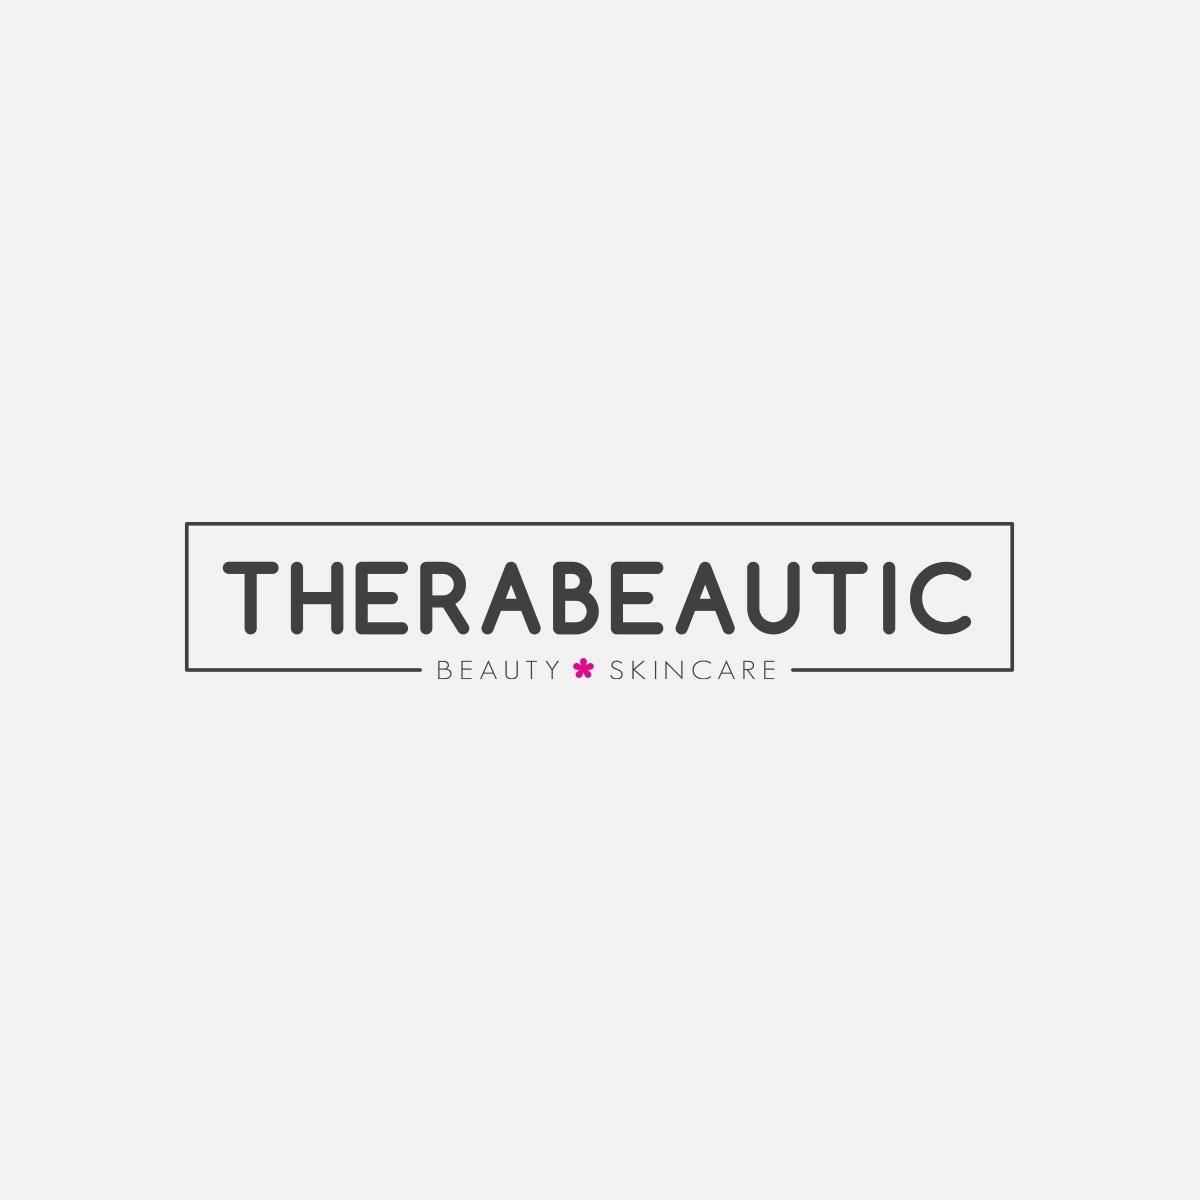 Therebeutic Logo